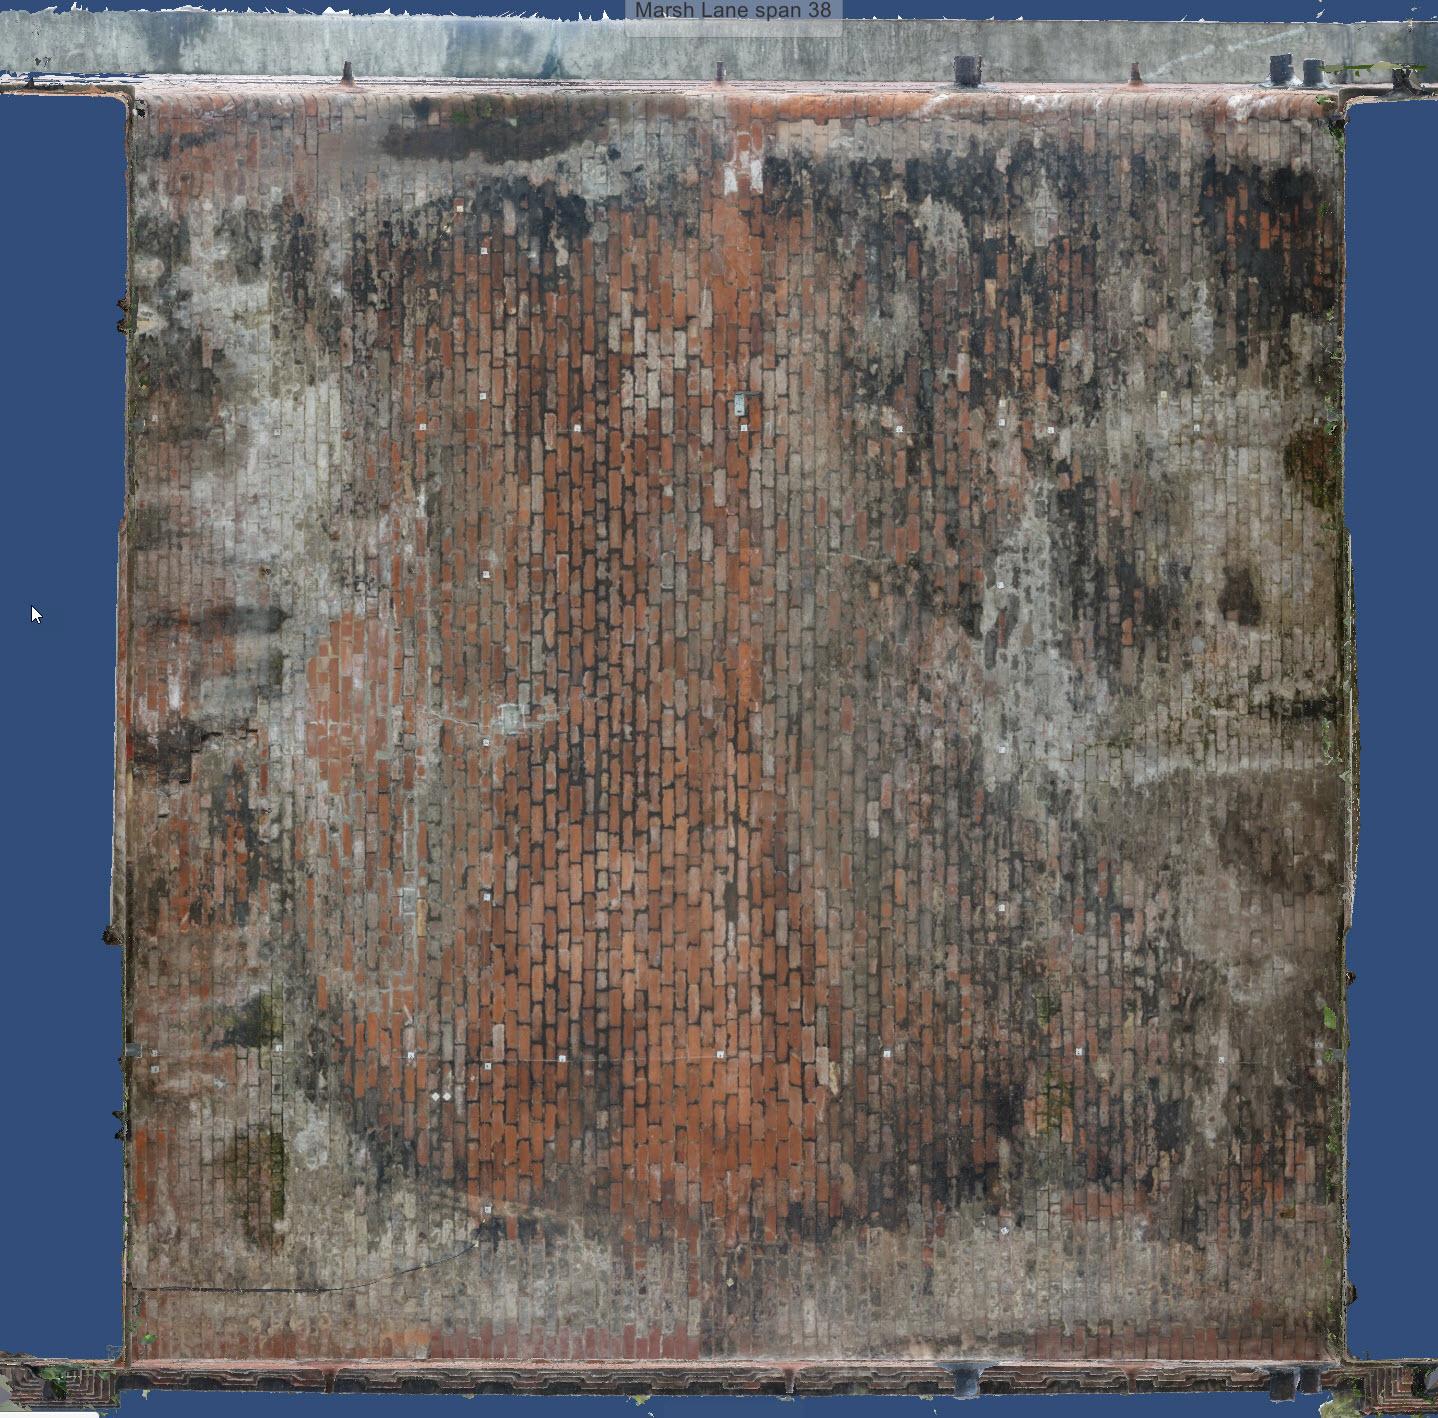 Bom-104-Marsh-Lane-4.jpg